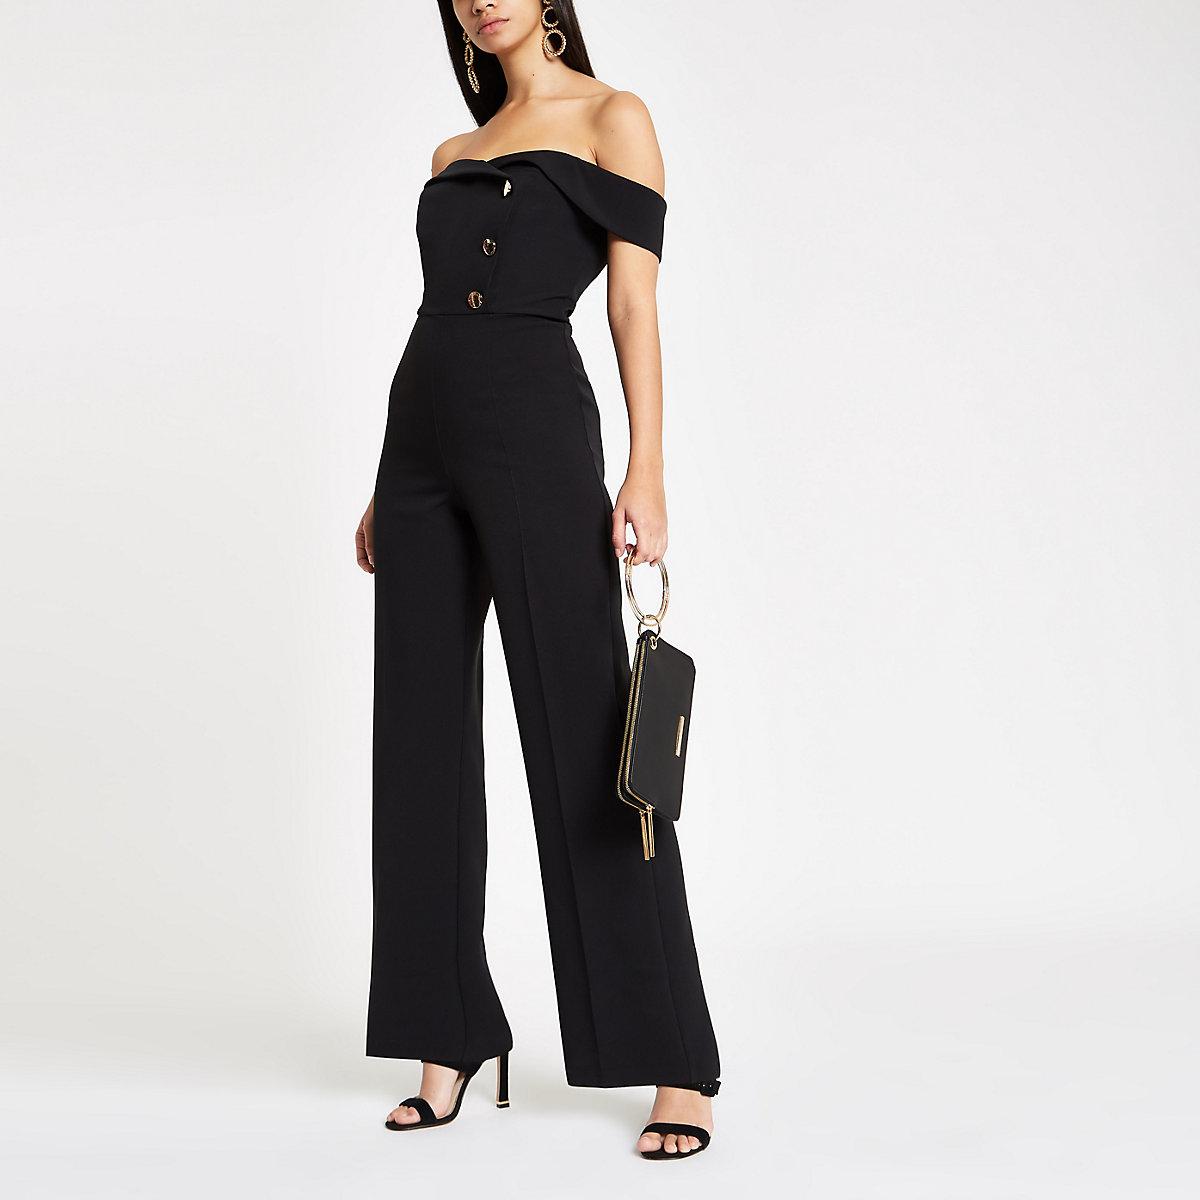 Schwarzer Bardot-Overall mit weitem Bein